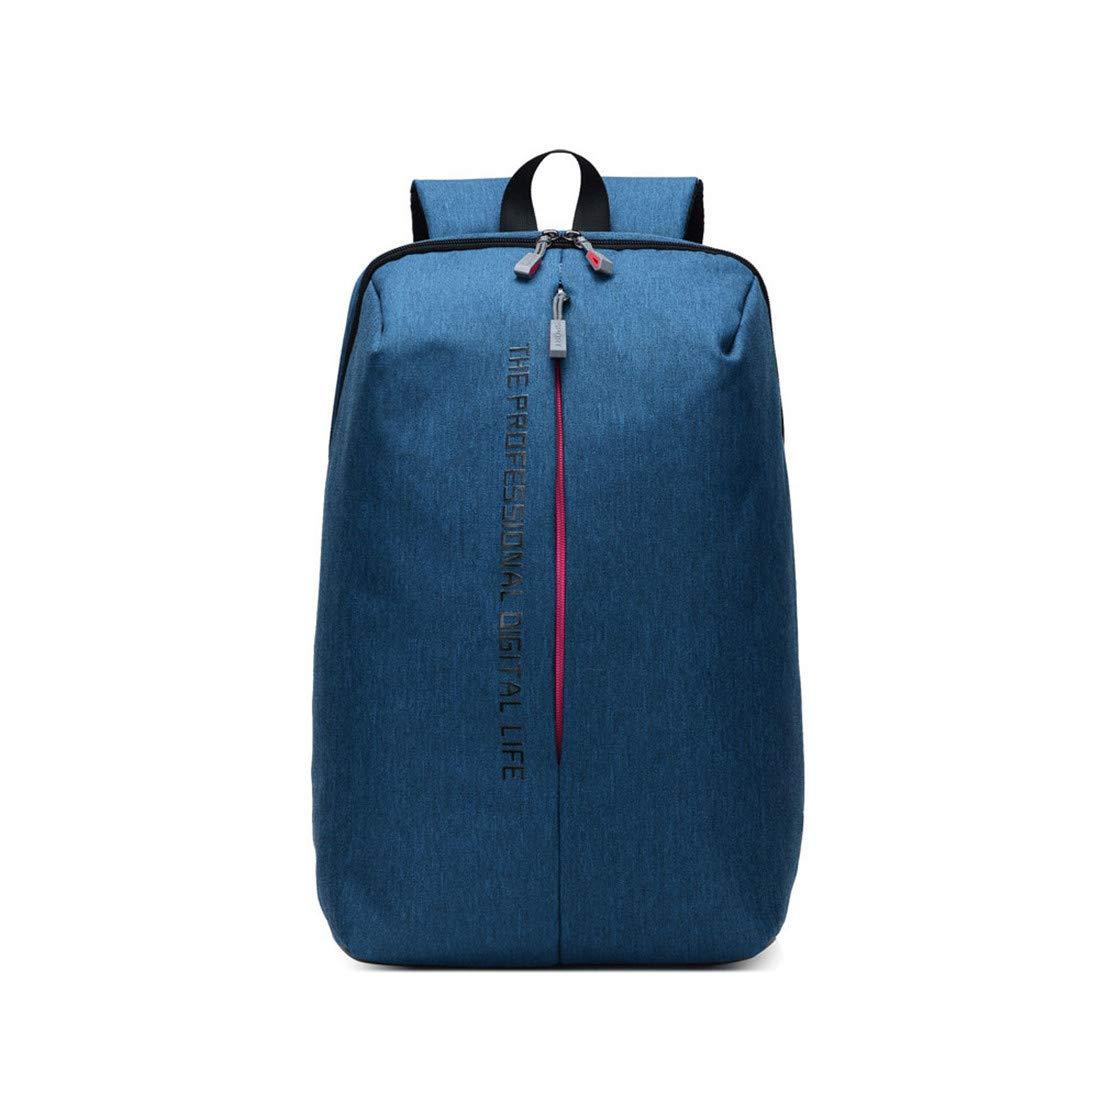 Layxi Femmes Toile Etanche Backpack Hommes Grande Capacité Travel Bag 15.6 Pouces Sac a Dos PC Portable Durable Sac à Dos Quotidien